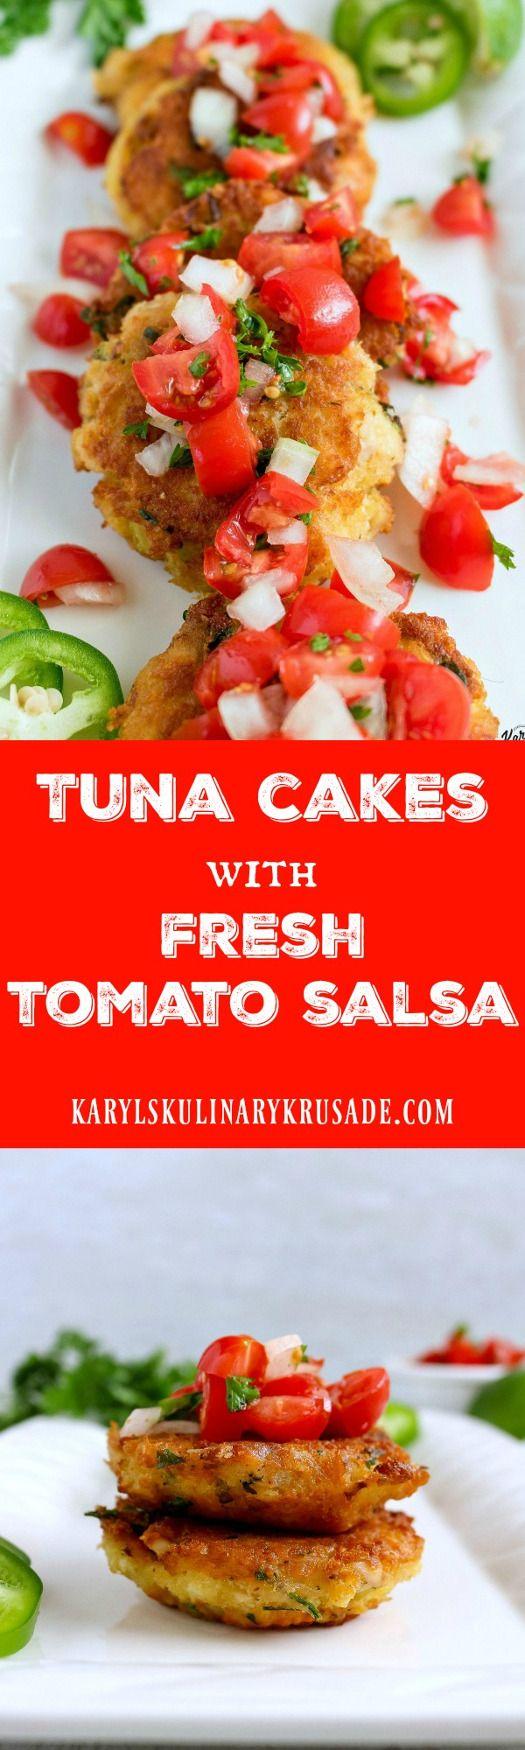 Salmon Cake Recipe Using Old Bay Seasoning